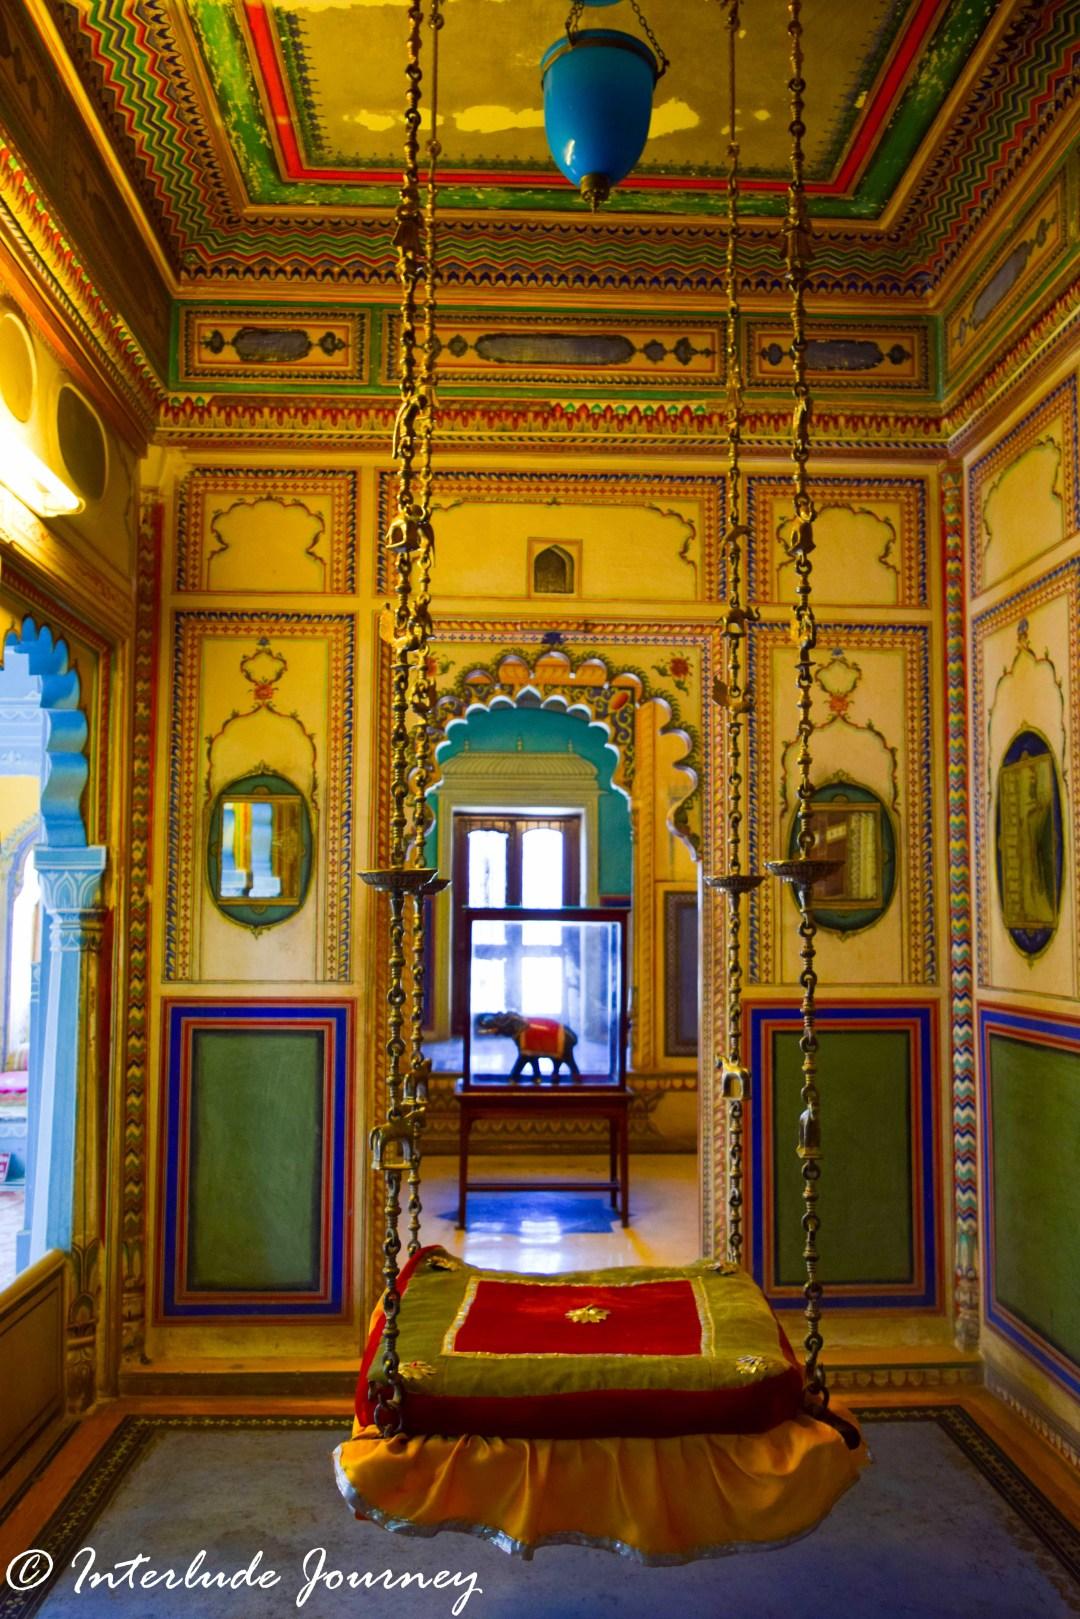 The royal swing at Udaipur City Palace